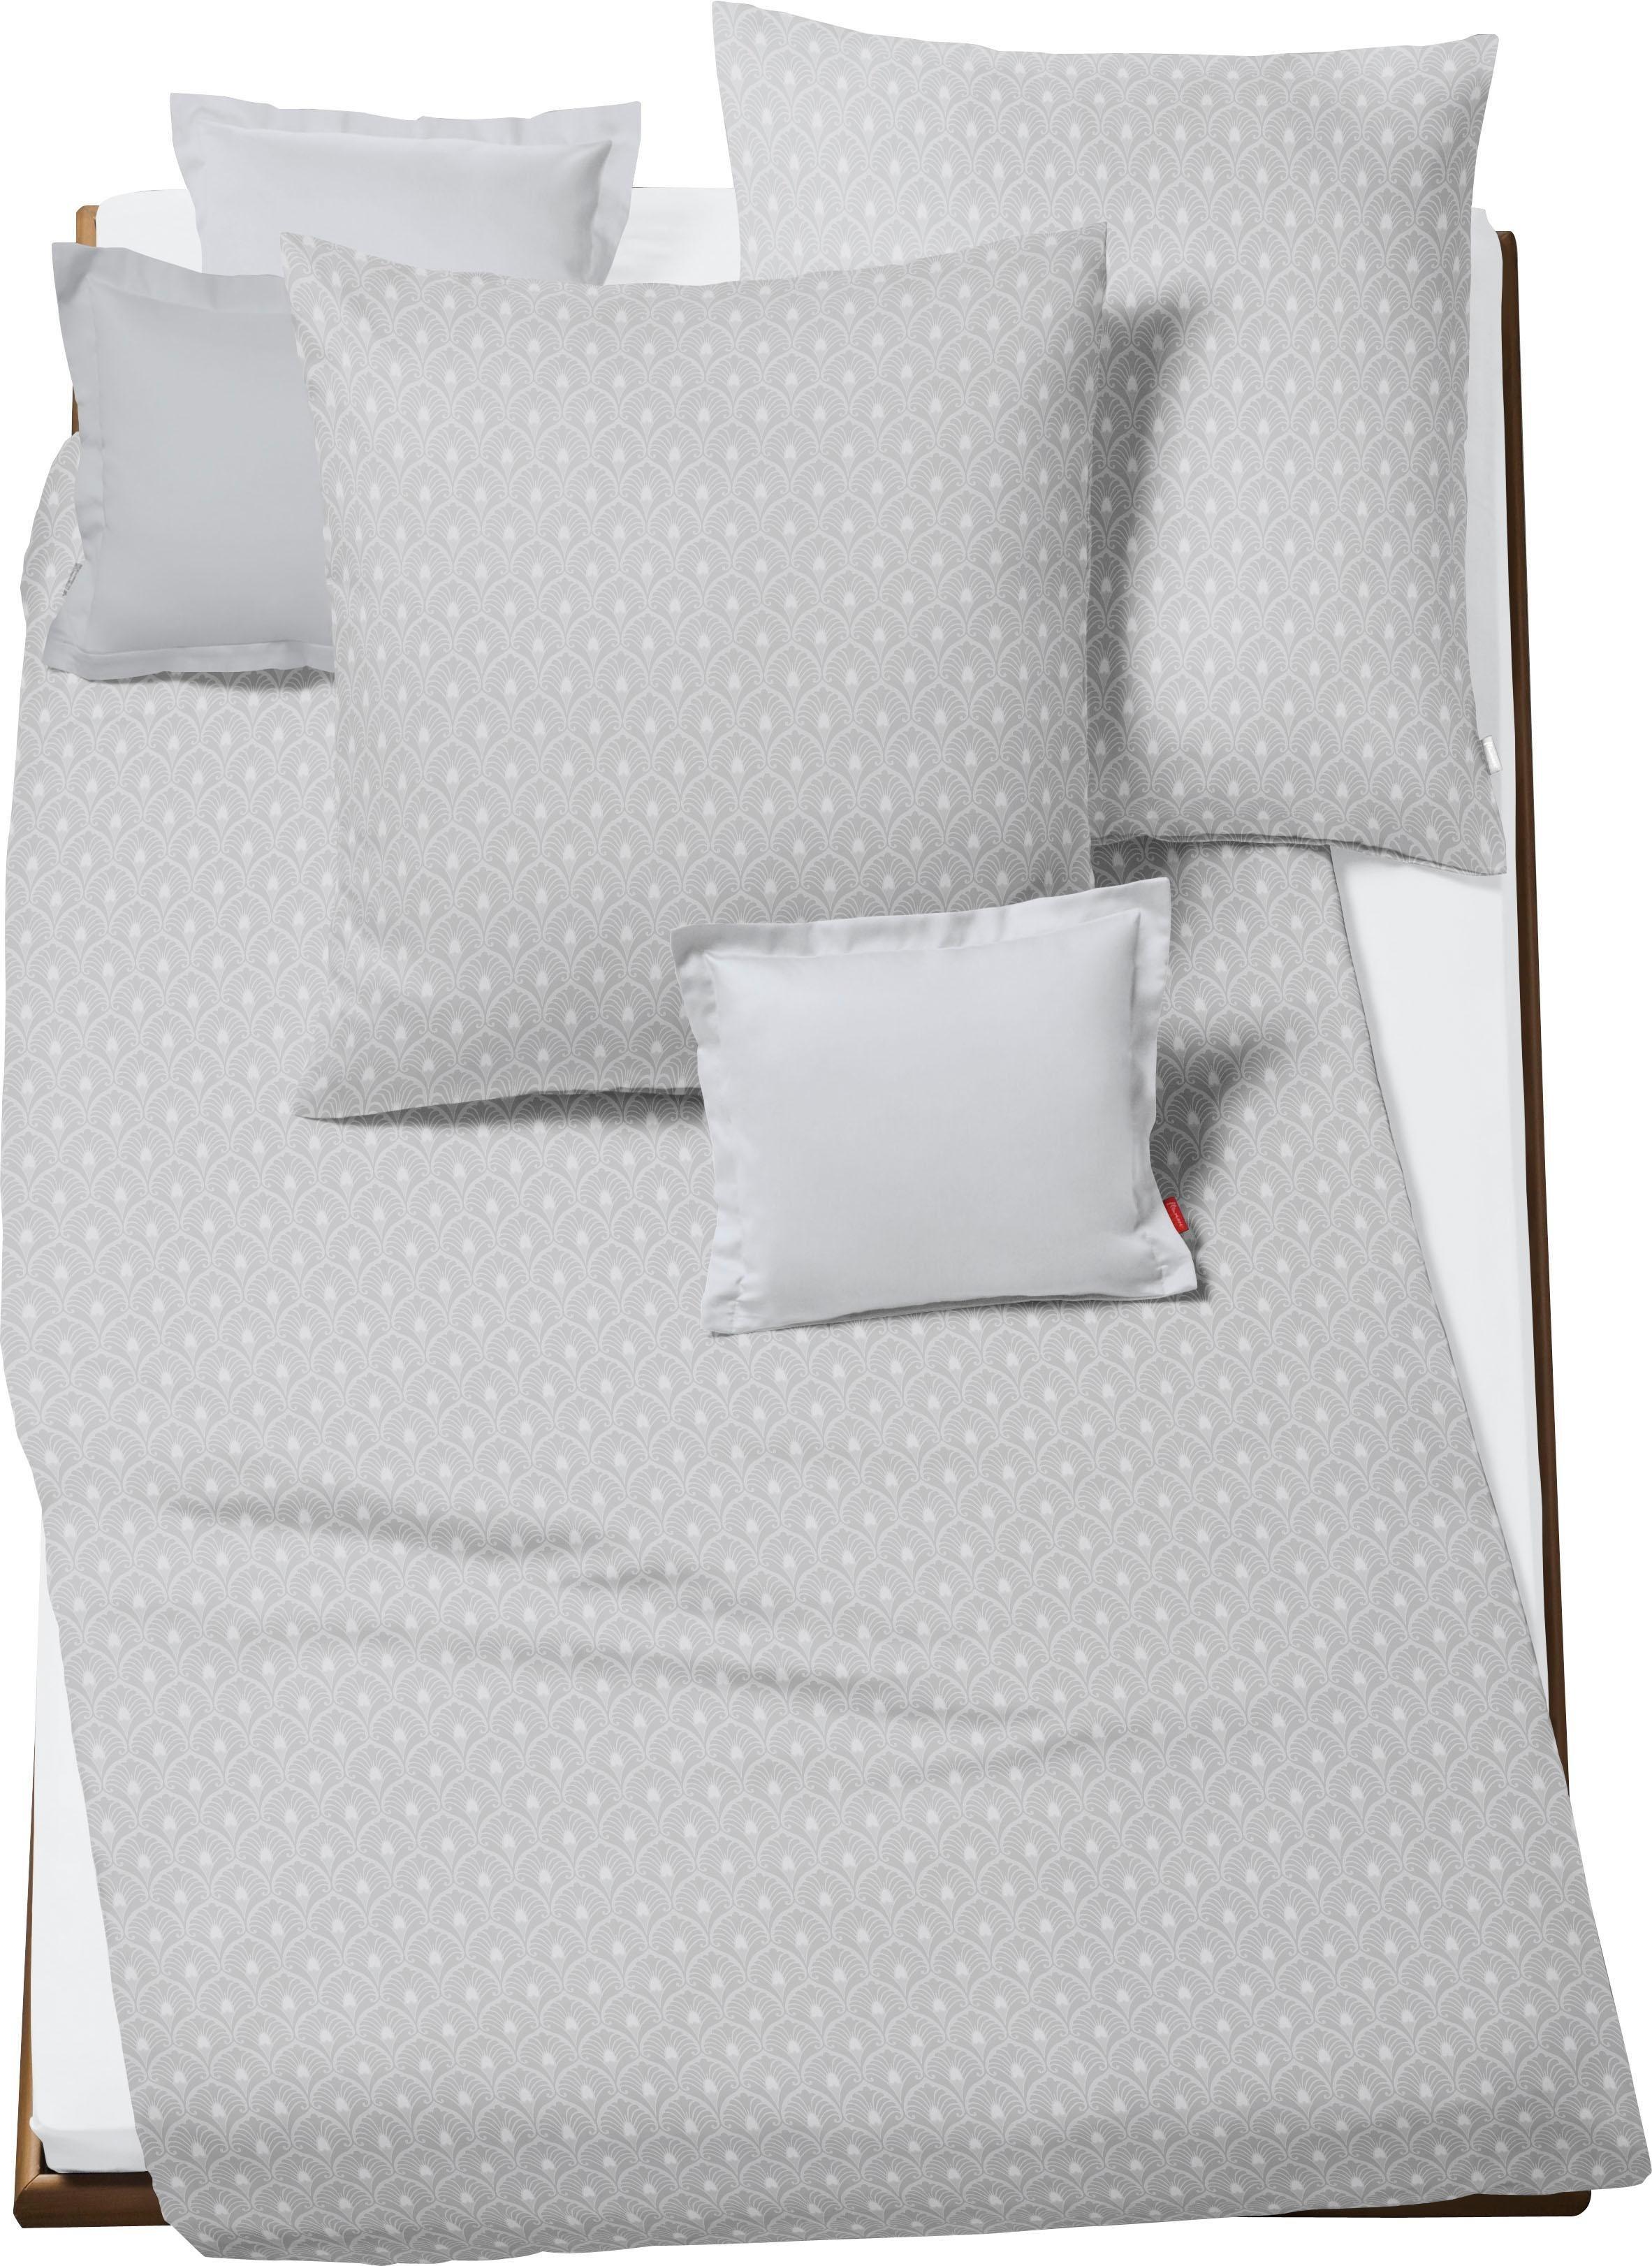 barock per cken preisvergleich die besten angebote online kaufen. Black Bedroom Furniture Sets. Home Design Ideas